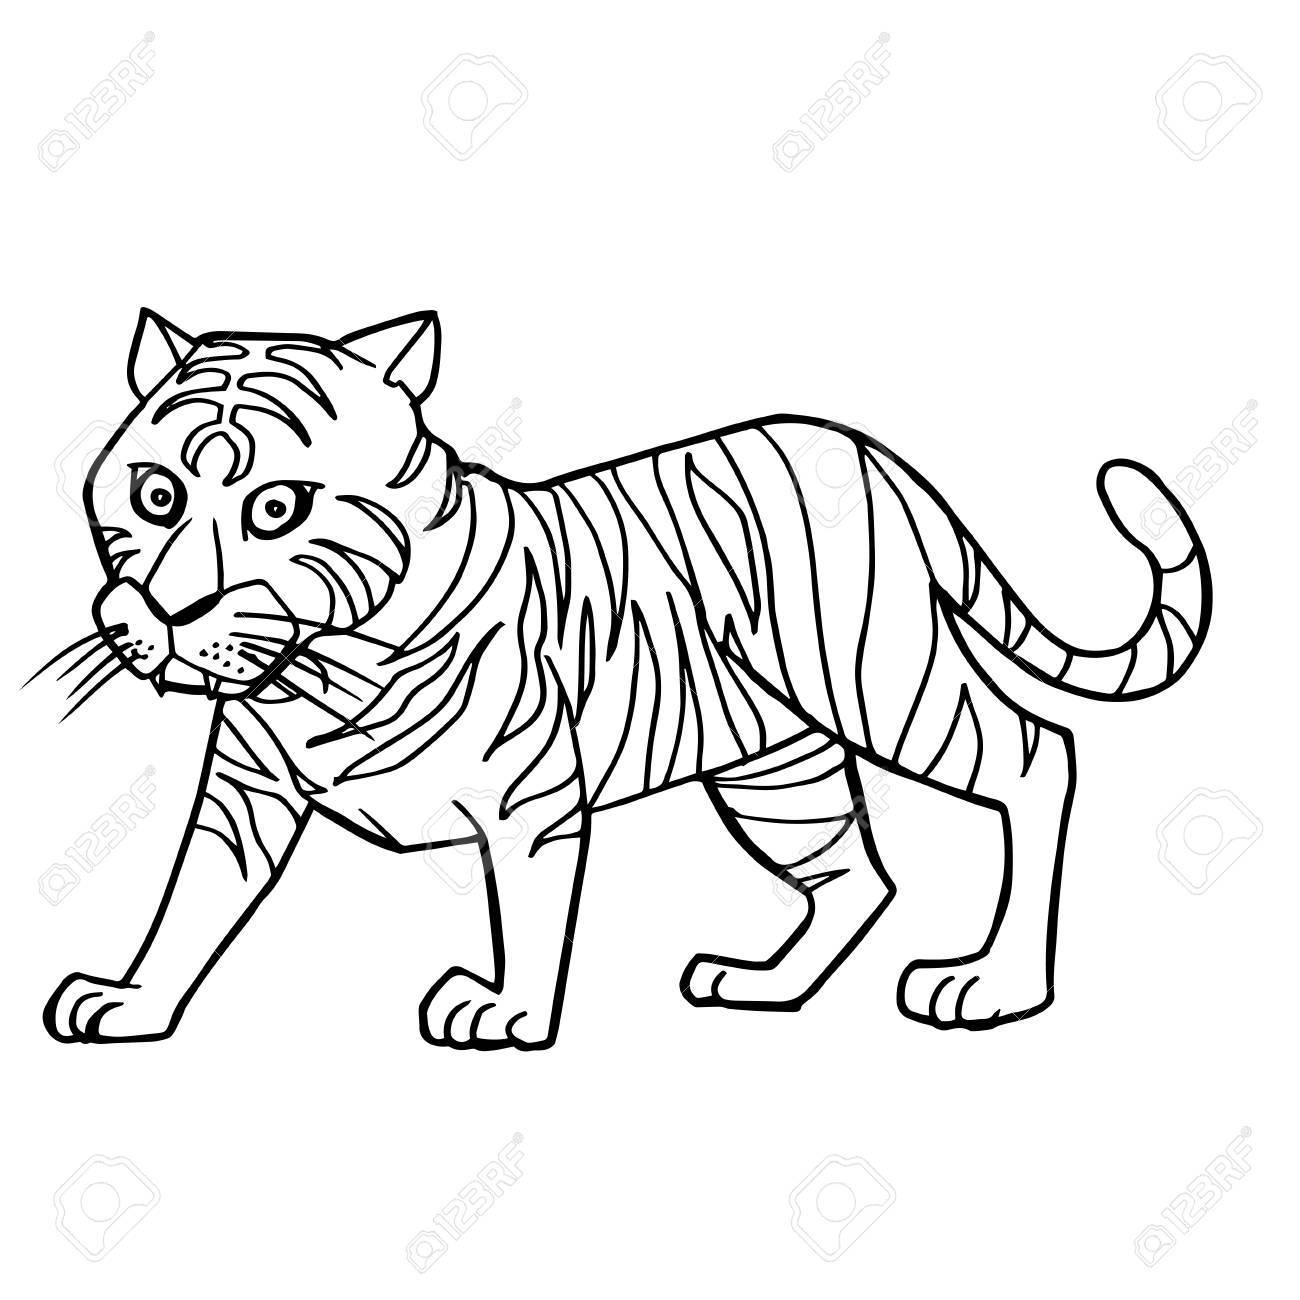 ilustración de dibujos animados lindo tigre para colorear página